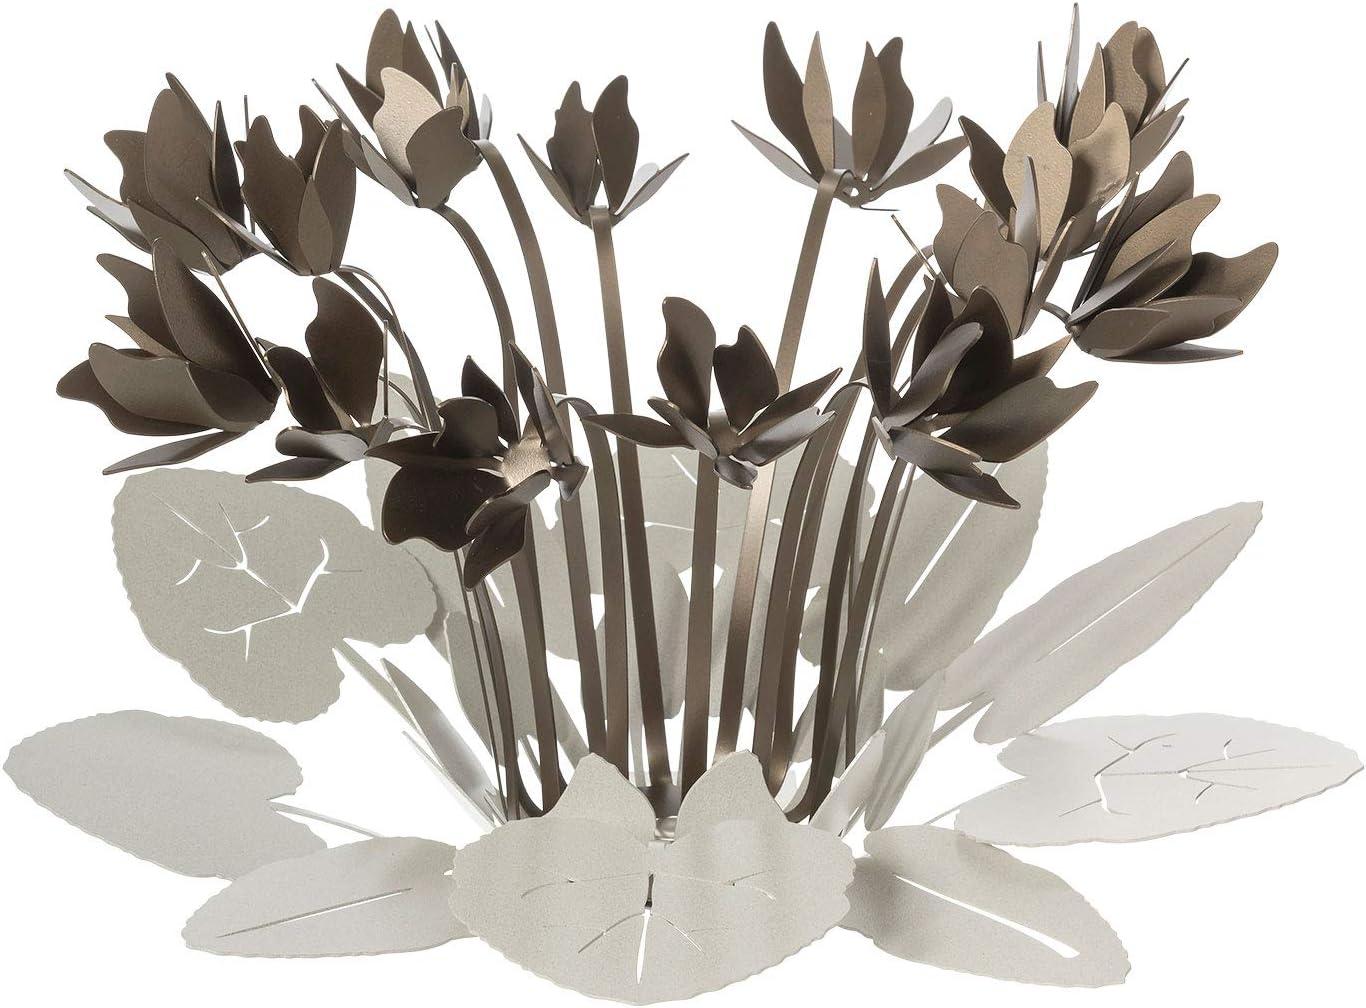 ARTI E MESTIERI Ciclamino CENTROTAVOLA Particolare Metallo Avorio Bronzo Design Moderno